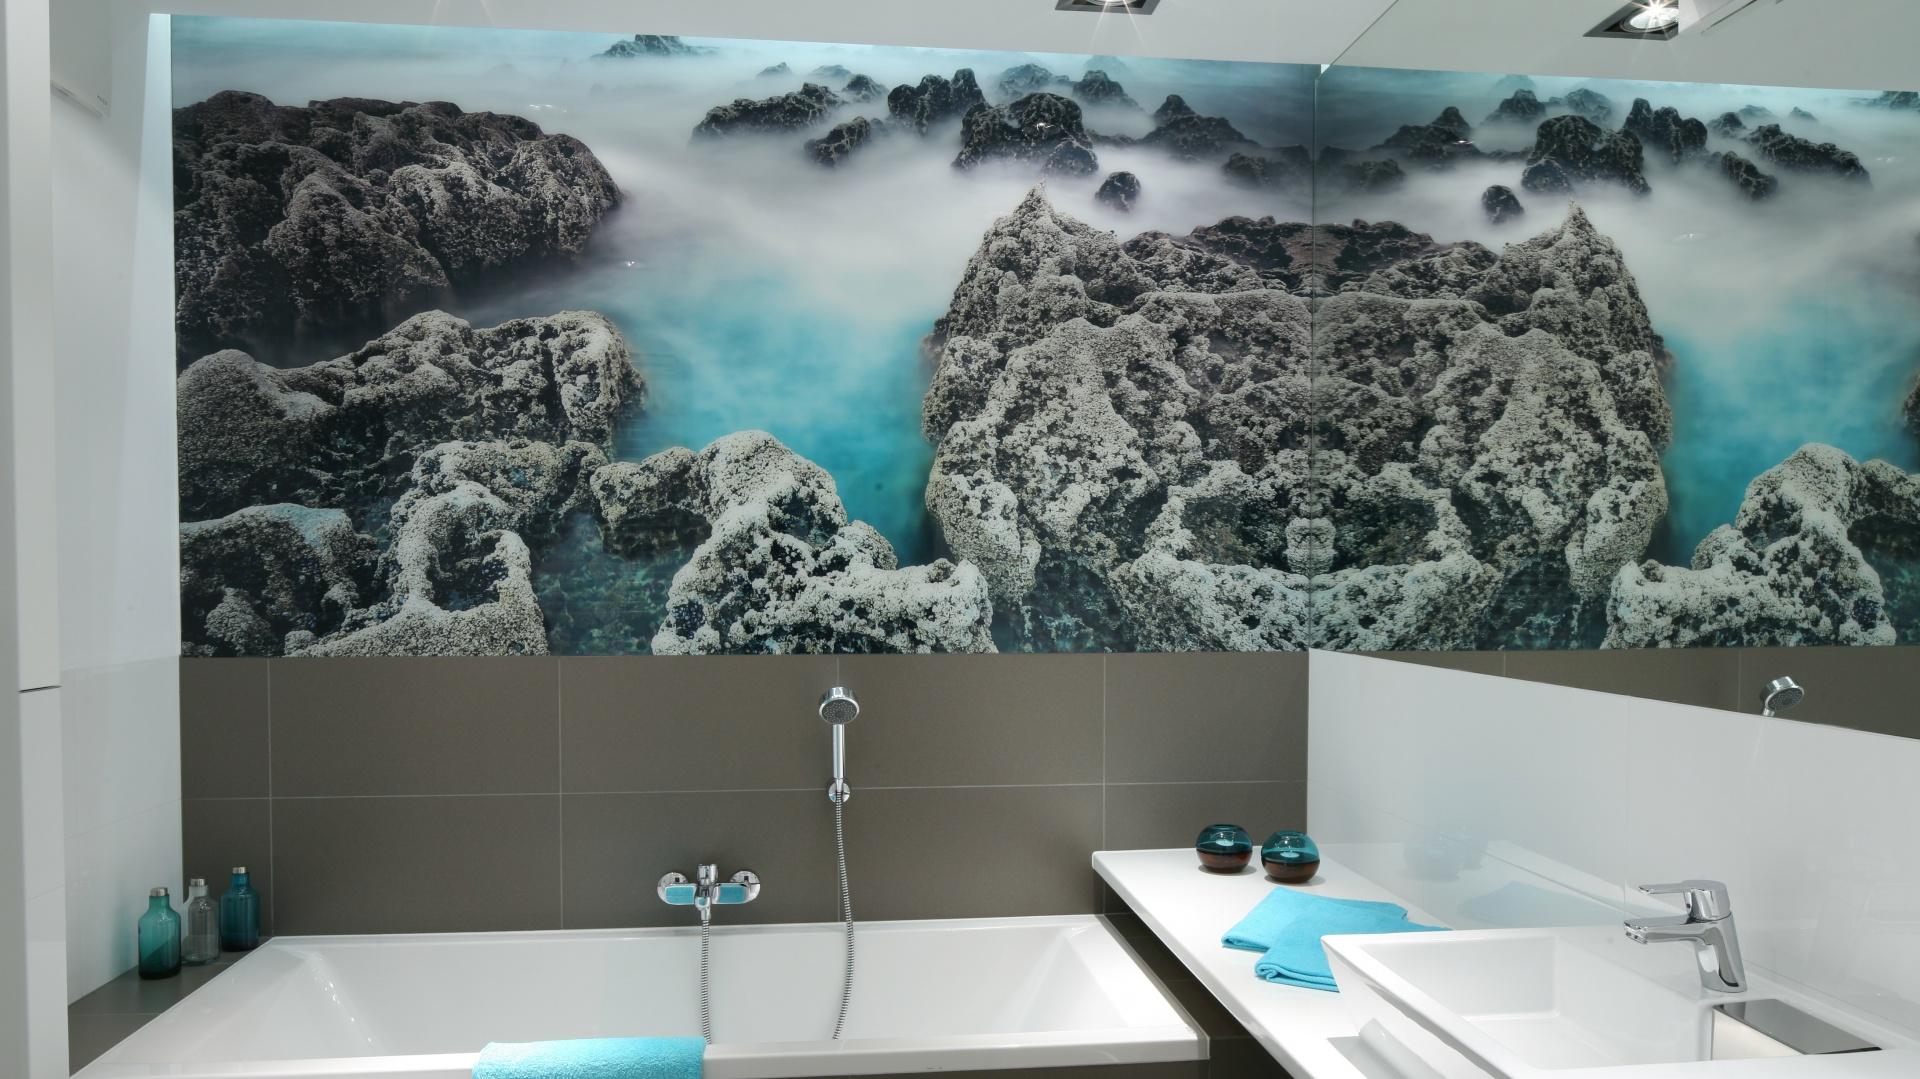 Przepiękny nadmorski krajobraz na stałe zagościł w tej nowoczesnej łazience. Projekt: Anna Maria Sokołowska. Fot. Bartosz Jarosz